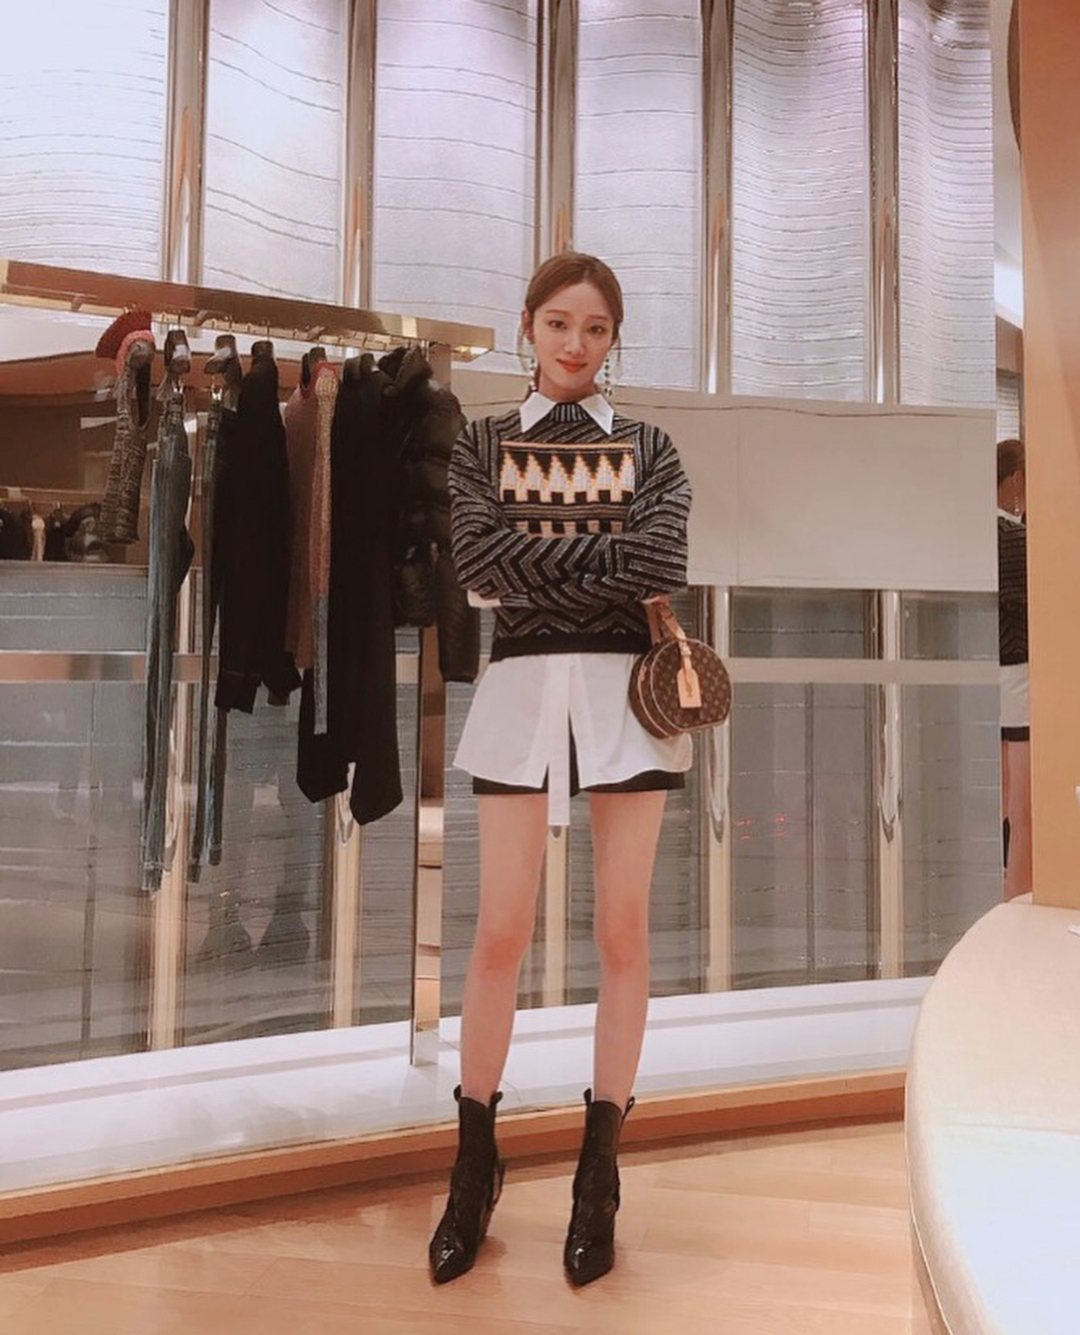 有著極度姣好的身材,那雙大長腿更是韓妞們夢寐以求的腿型,整個人身材比例好到不像話啊!